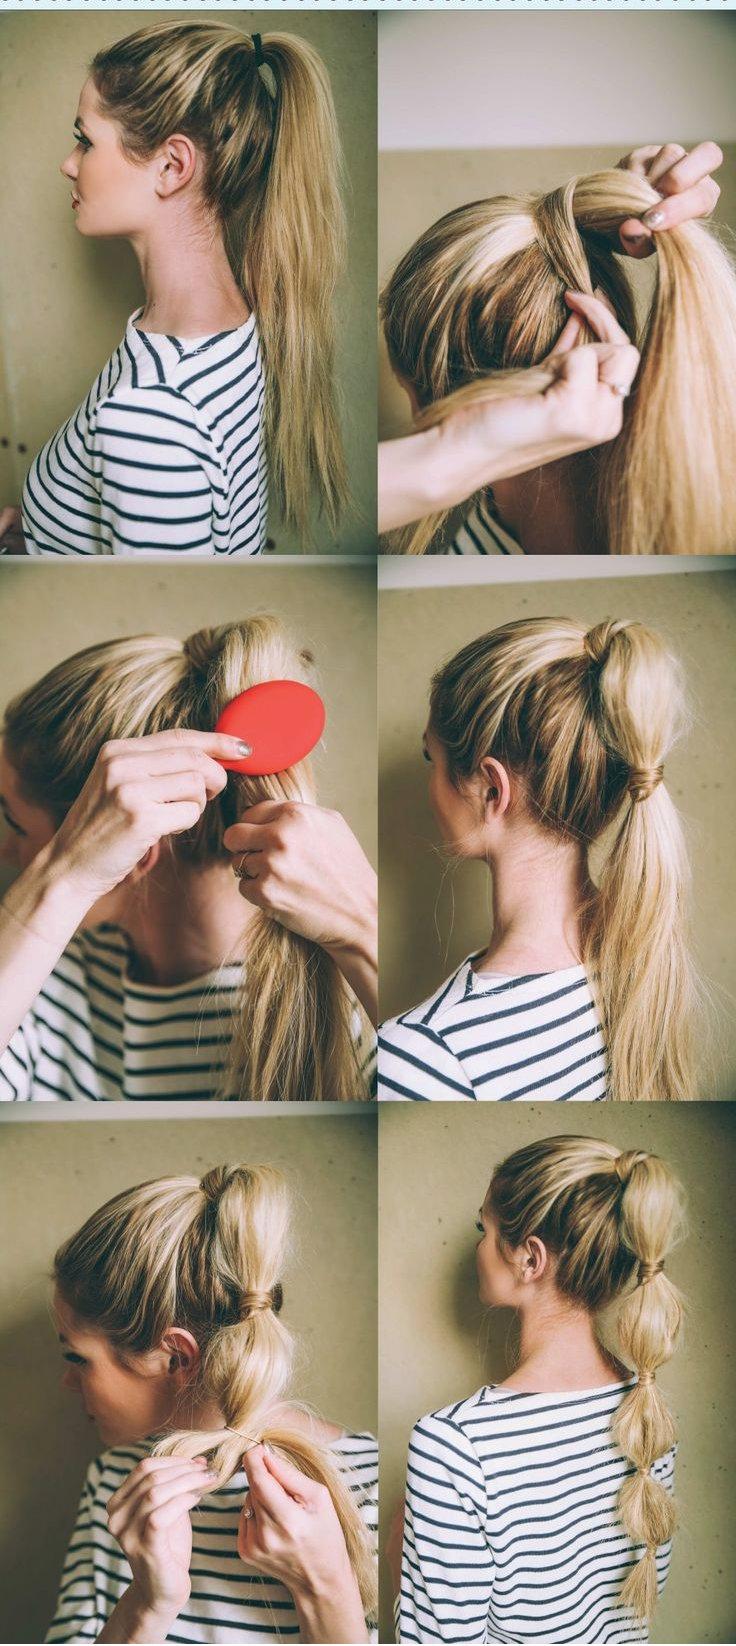 хвост-гирлянда, перетянутый волосами